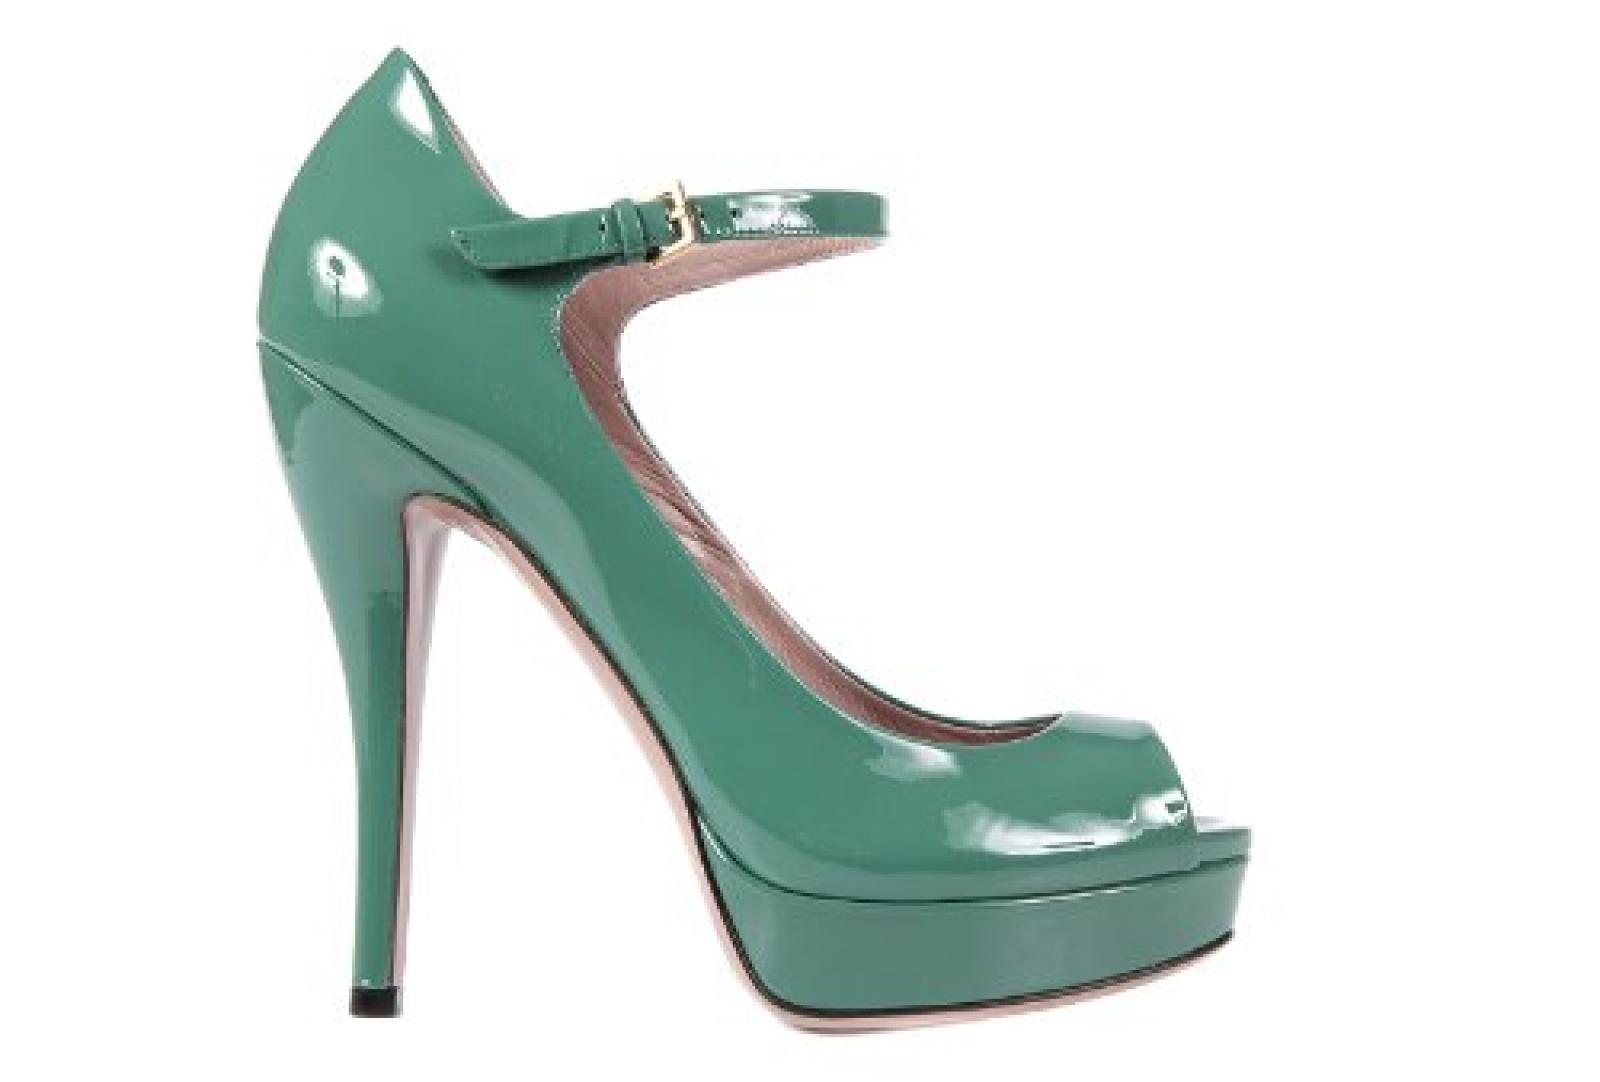 Gucci Damenschuhe Plateau Pumps Leder High Heels Grün